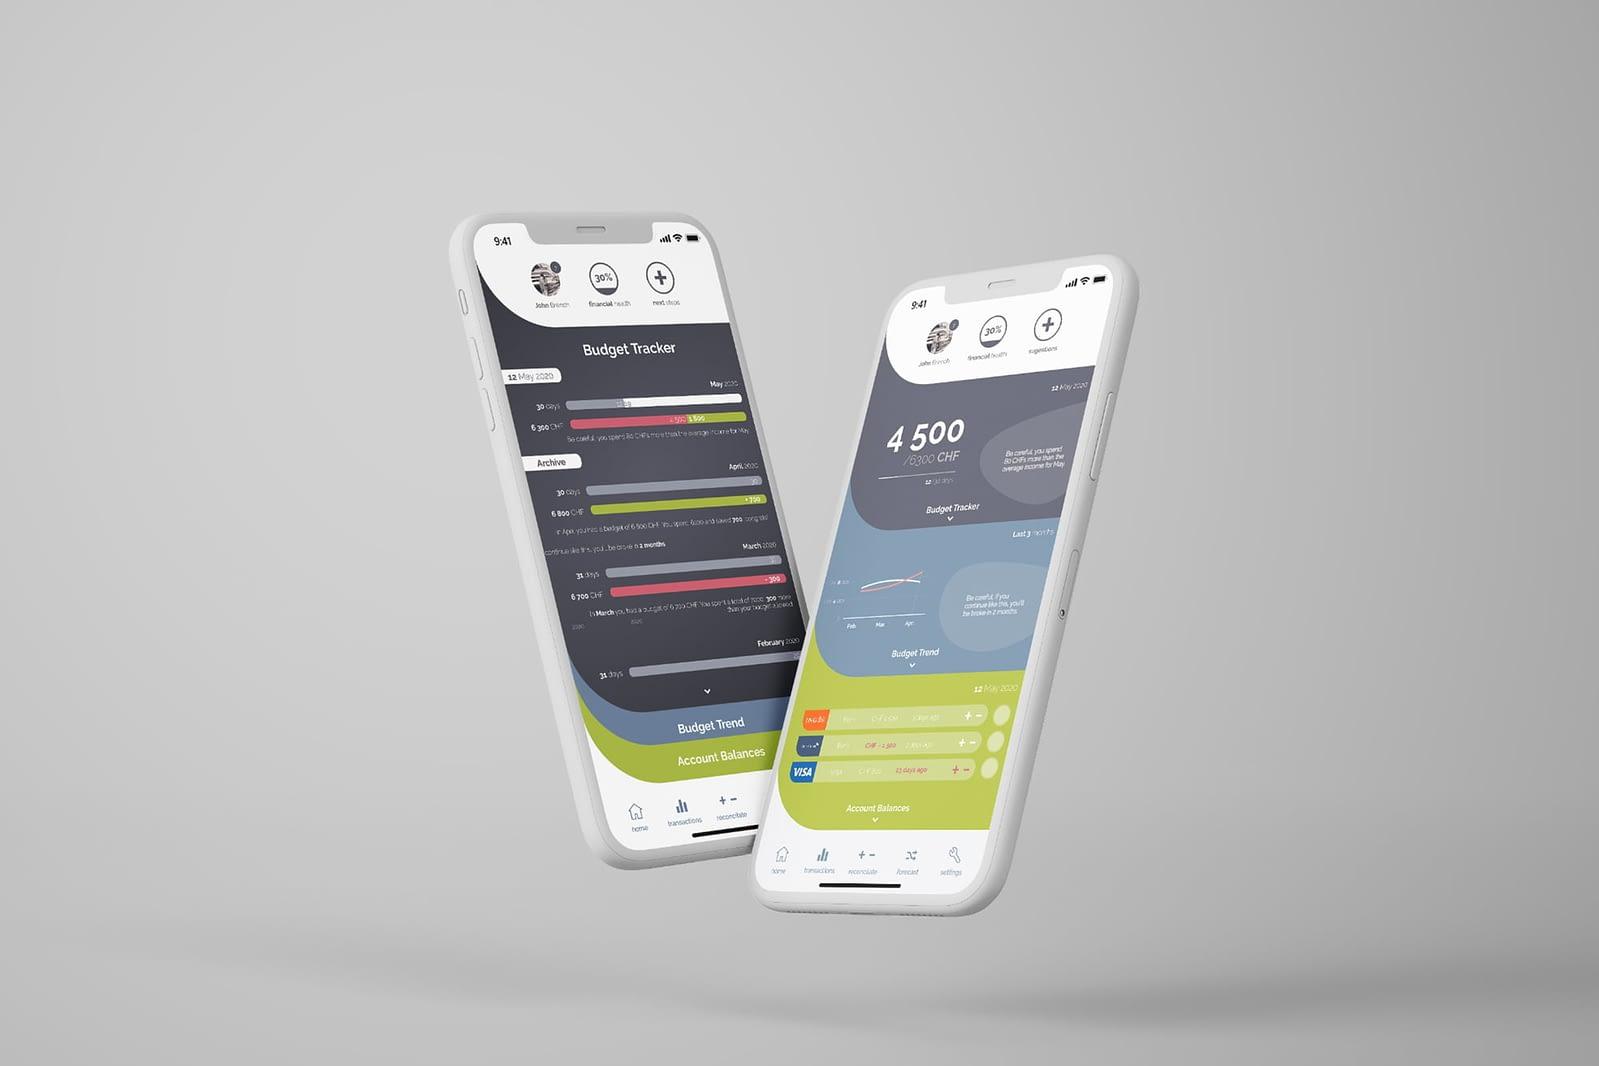 Propunere app interface, UI design, app design, design